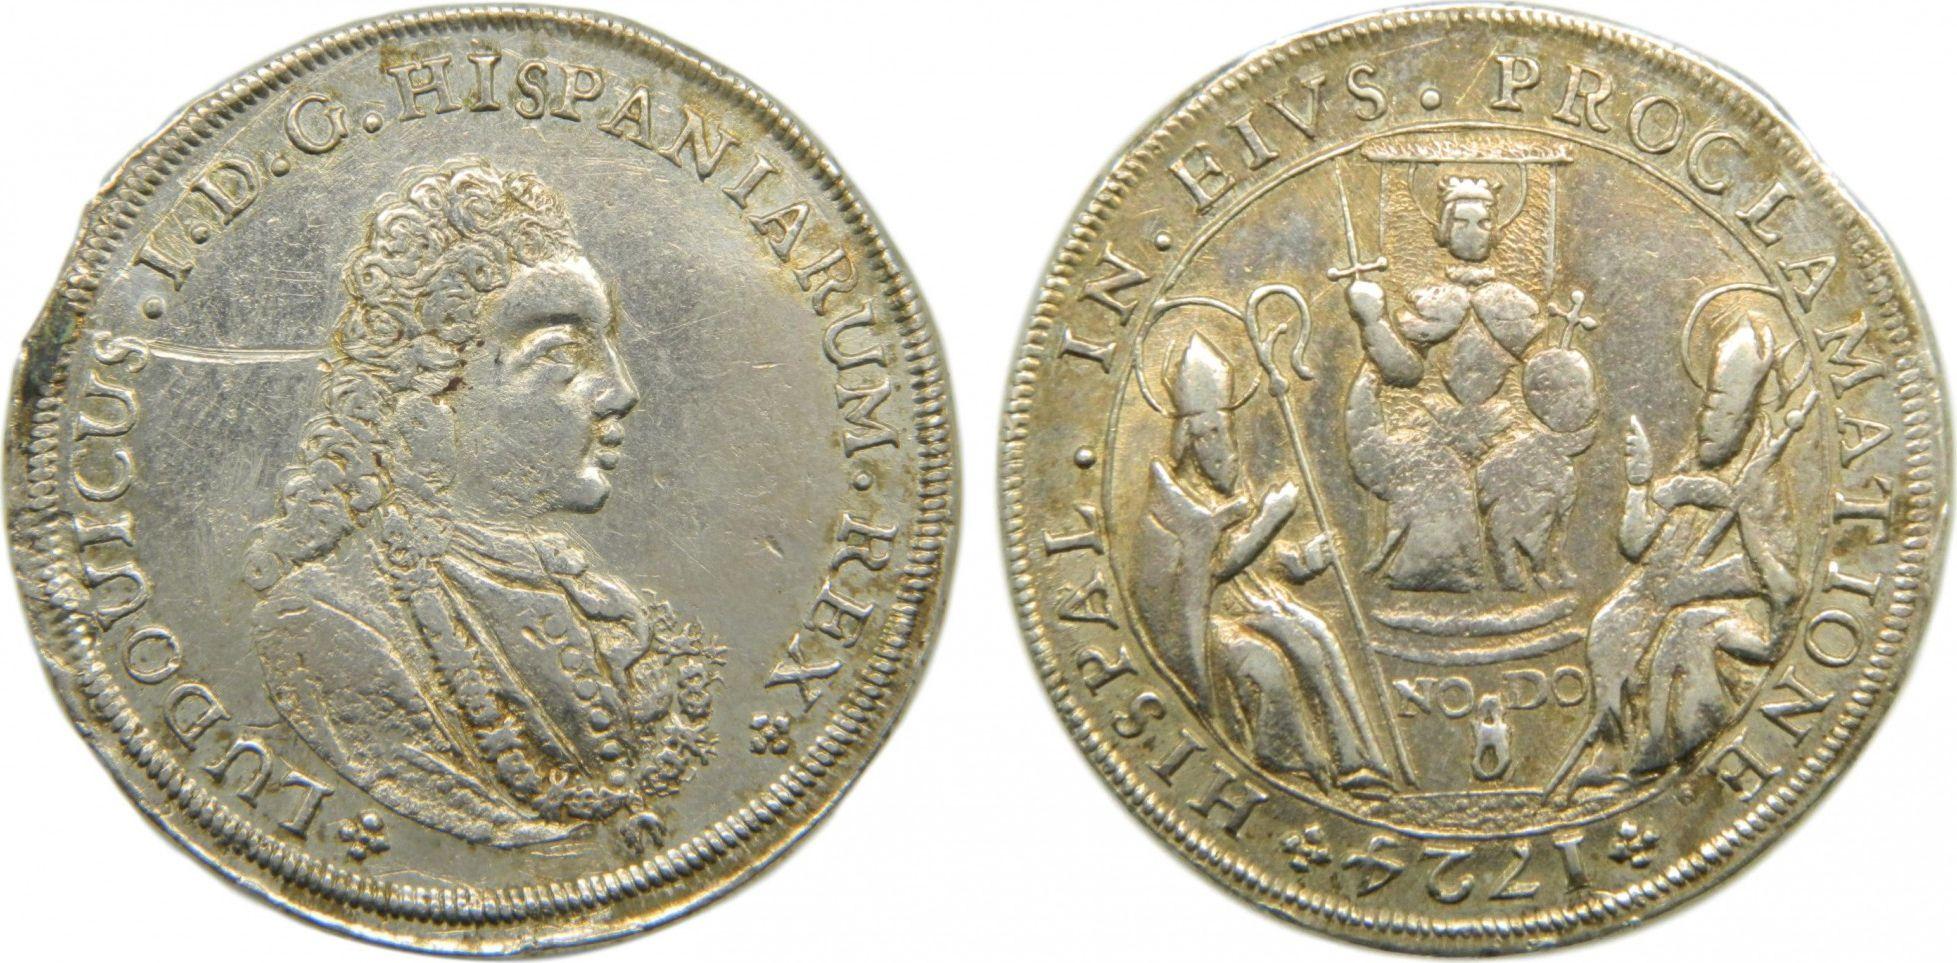 Espagne Luis I - Médaille de Proclamation 1724 - Séville sur un module de 4 Reales - Argent